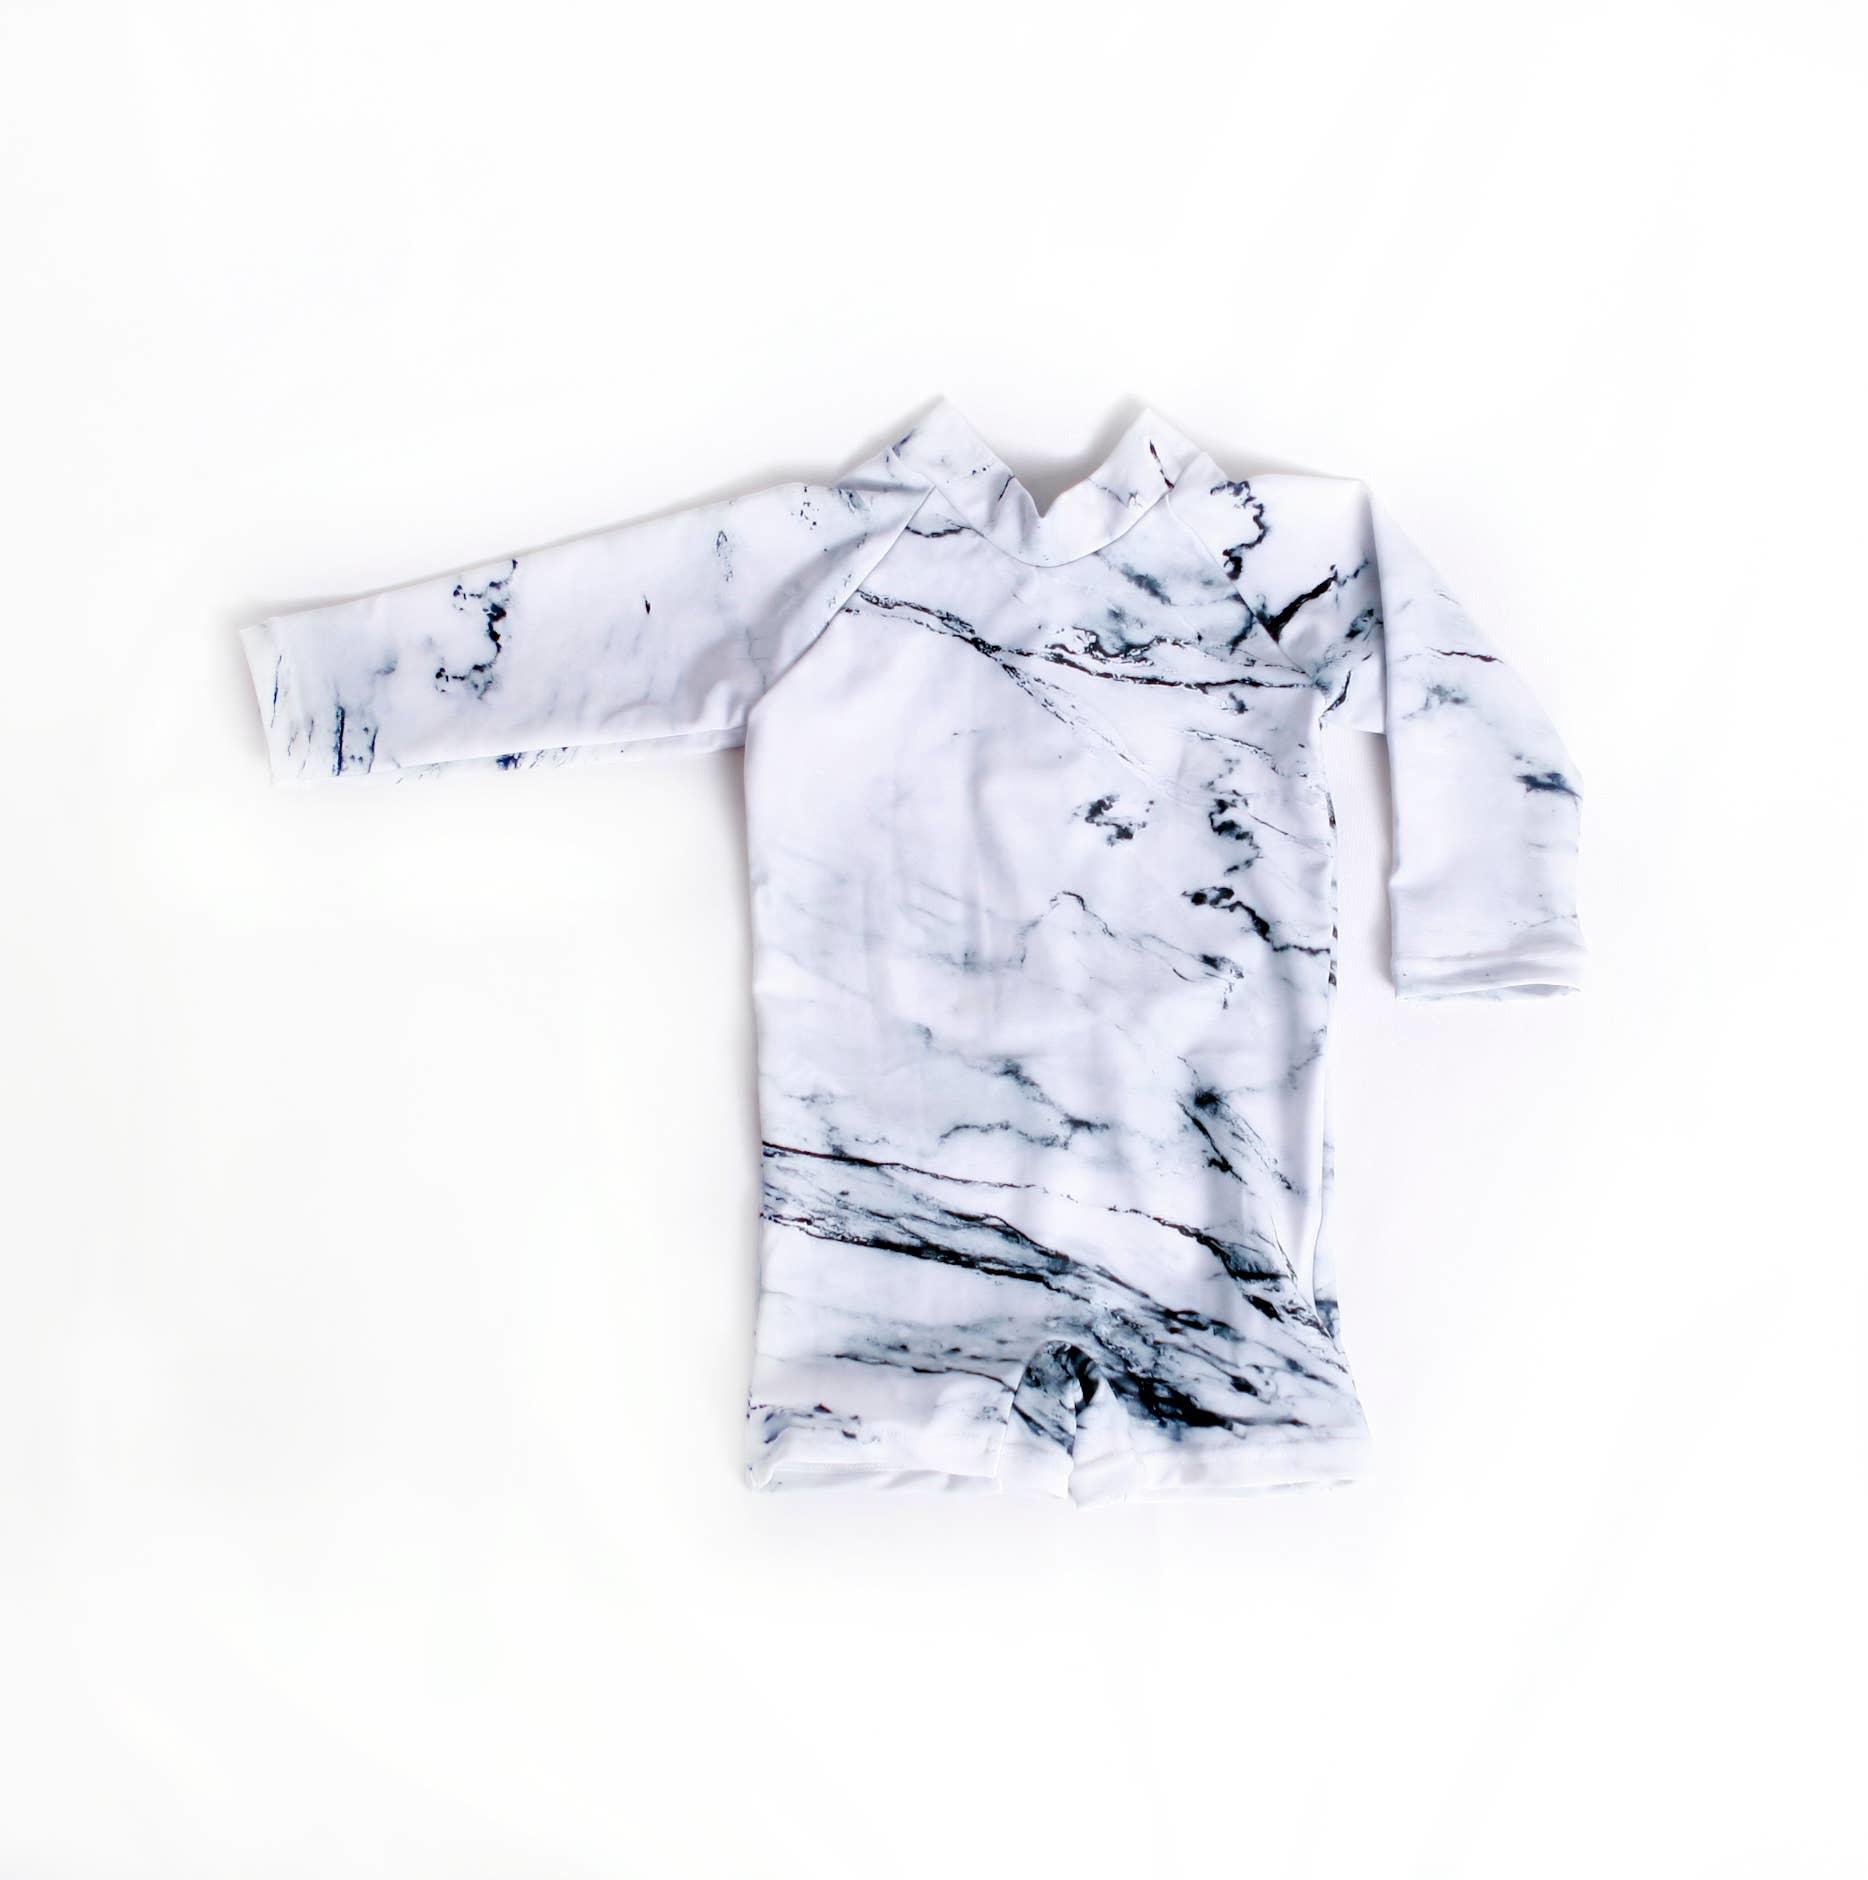 Current Tyed Clothing The Tye Sunsuit